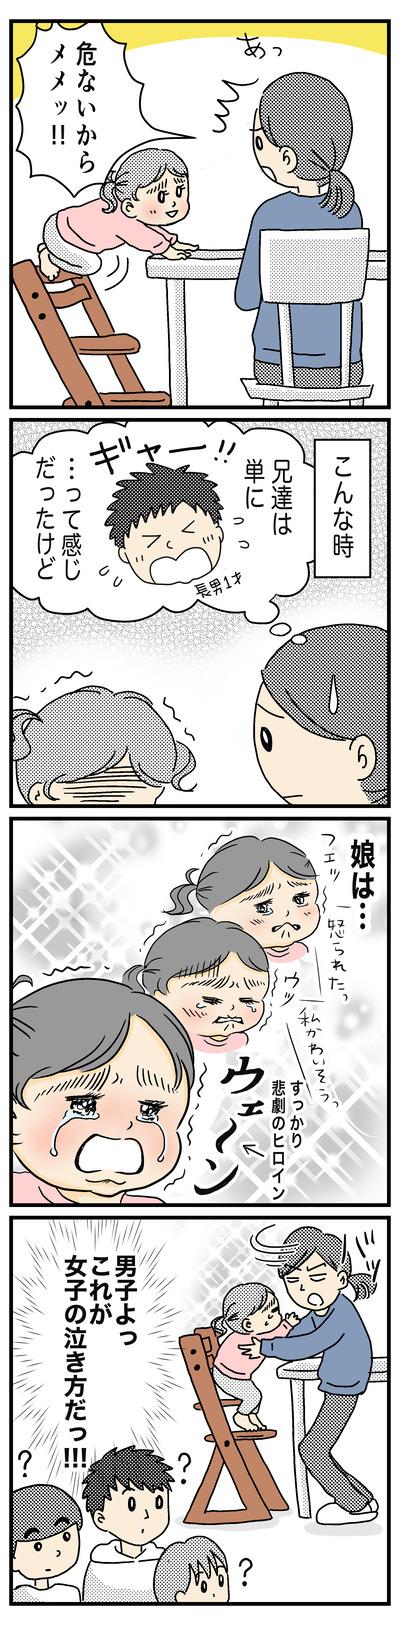 女子の泣き方